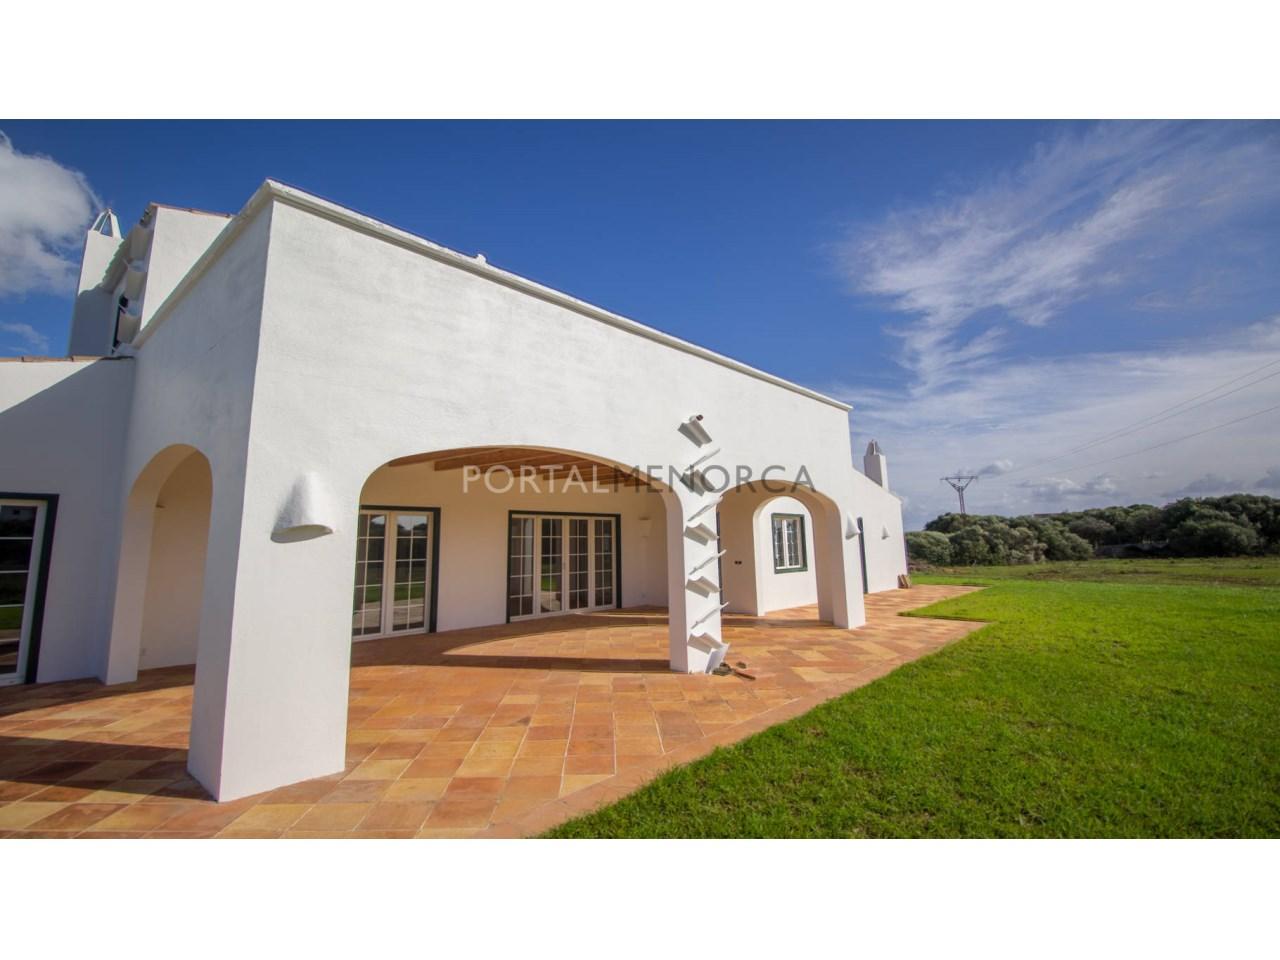 Maison de campagne en vente à Sant Lluis avec terrasse couverte